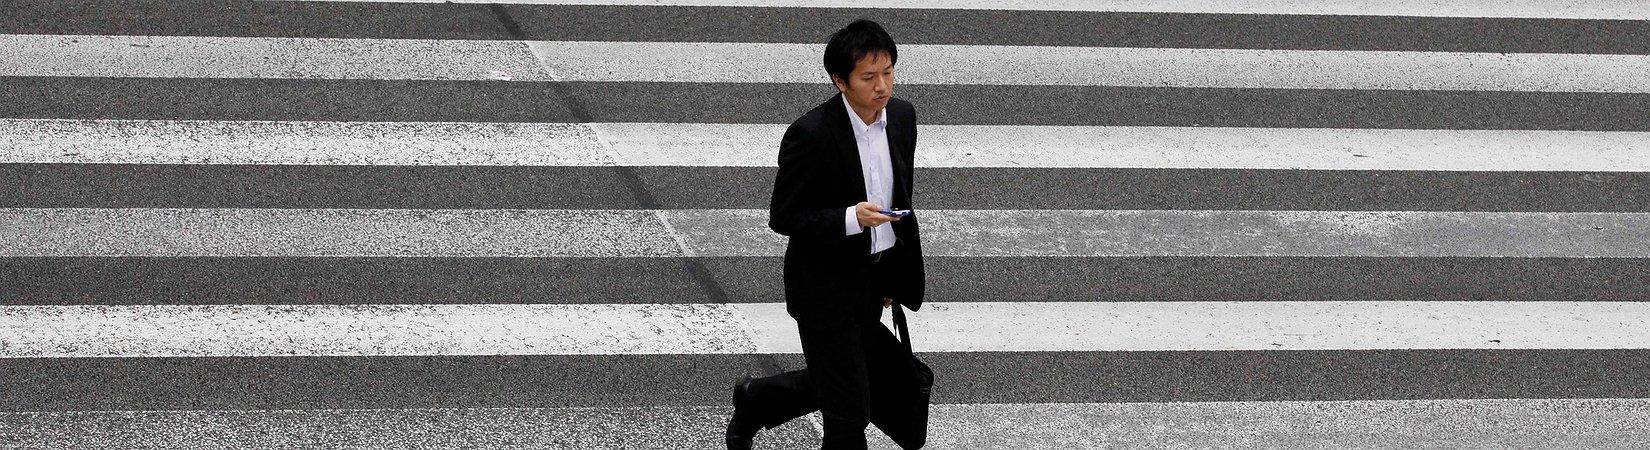 Ikigai: El significado de la vida en japonés